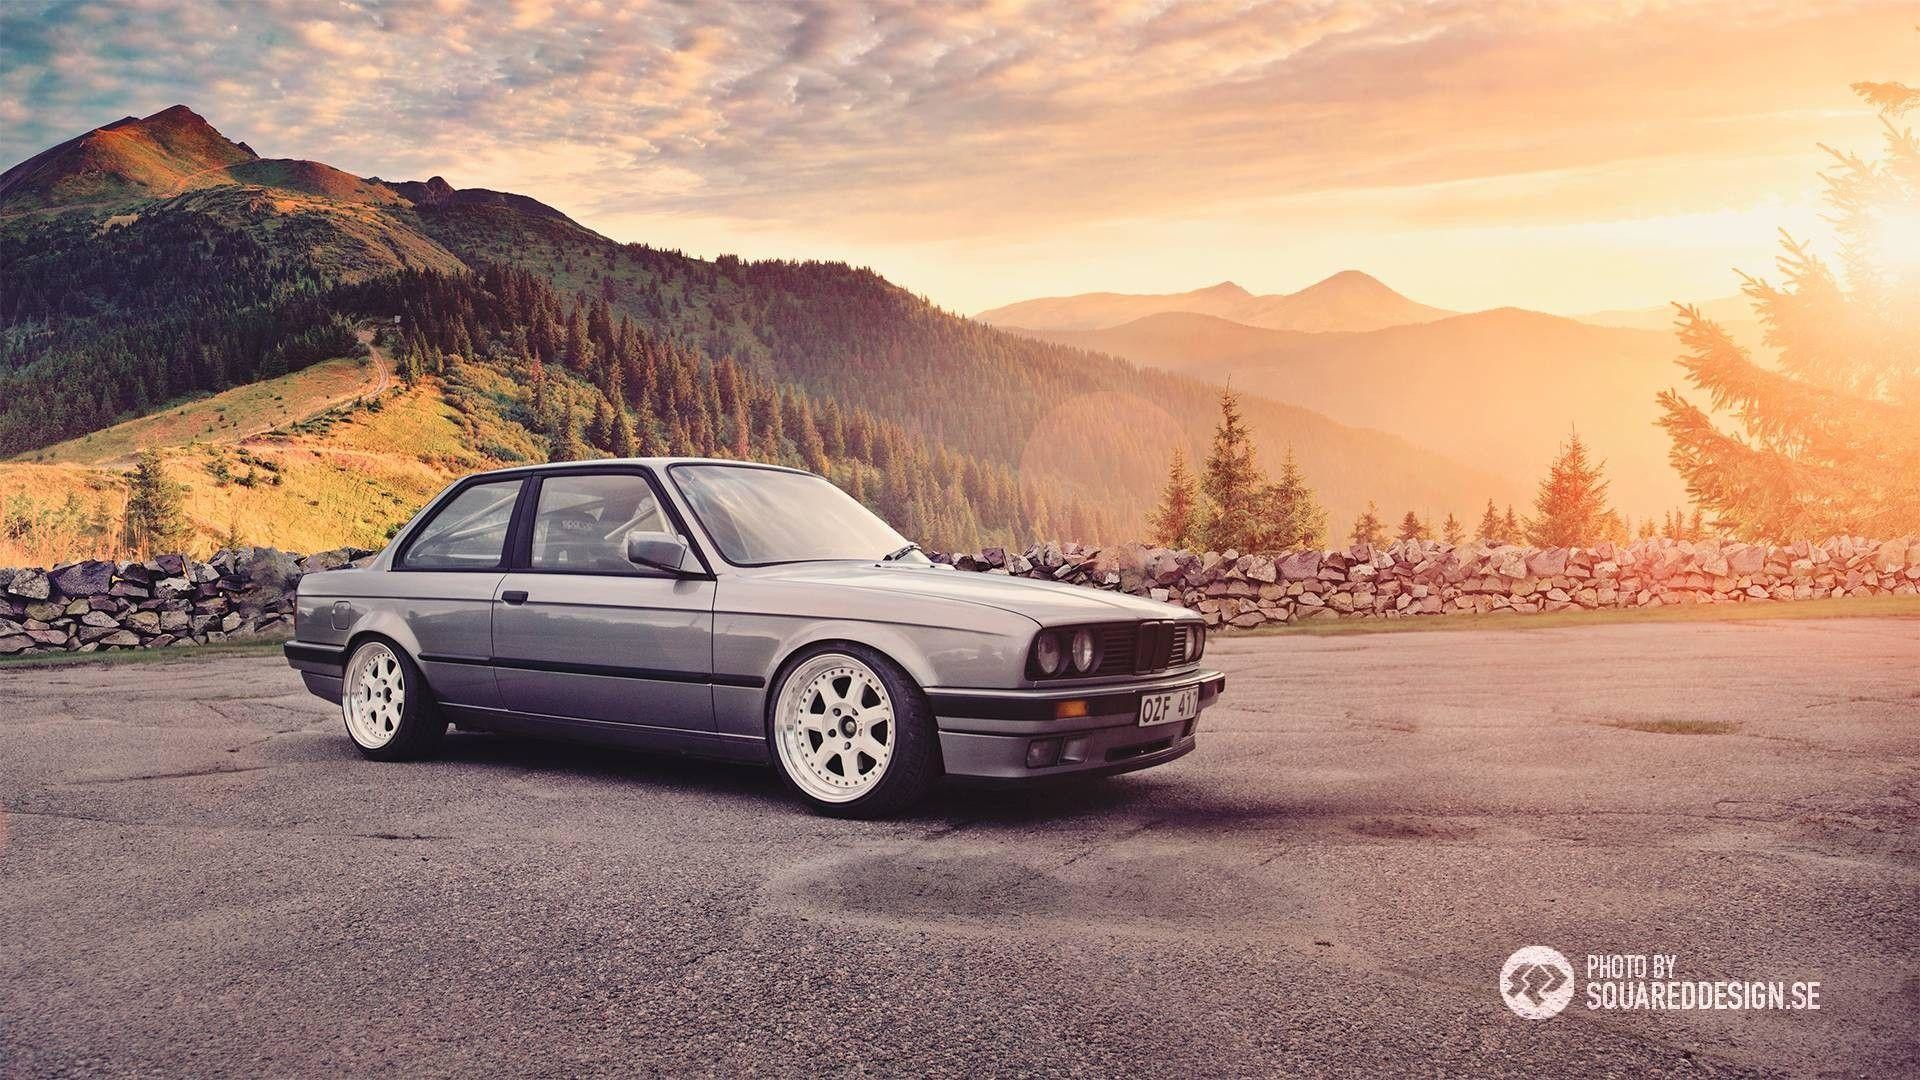 Drift Car Wallpaper Hd Bmw E30 Wallpaper Hd 67 Images